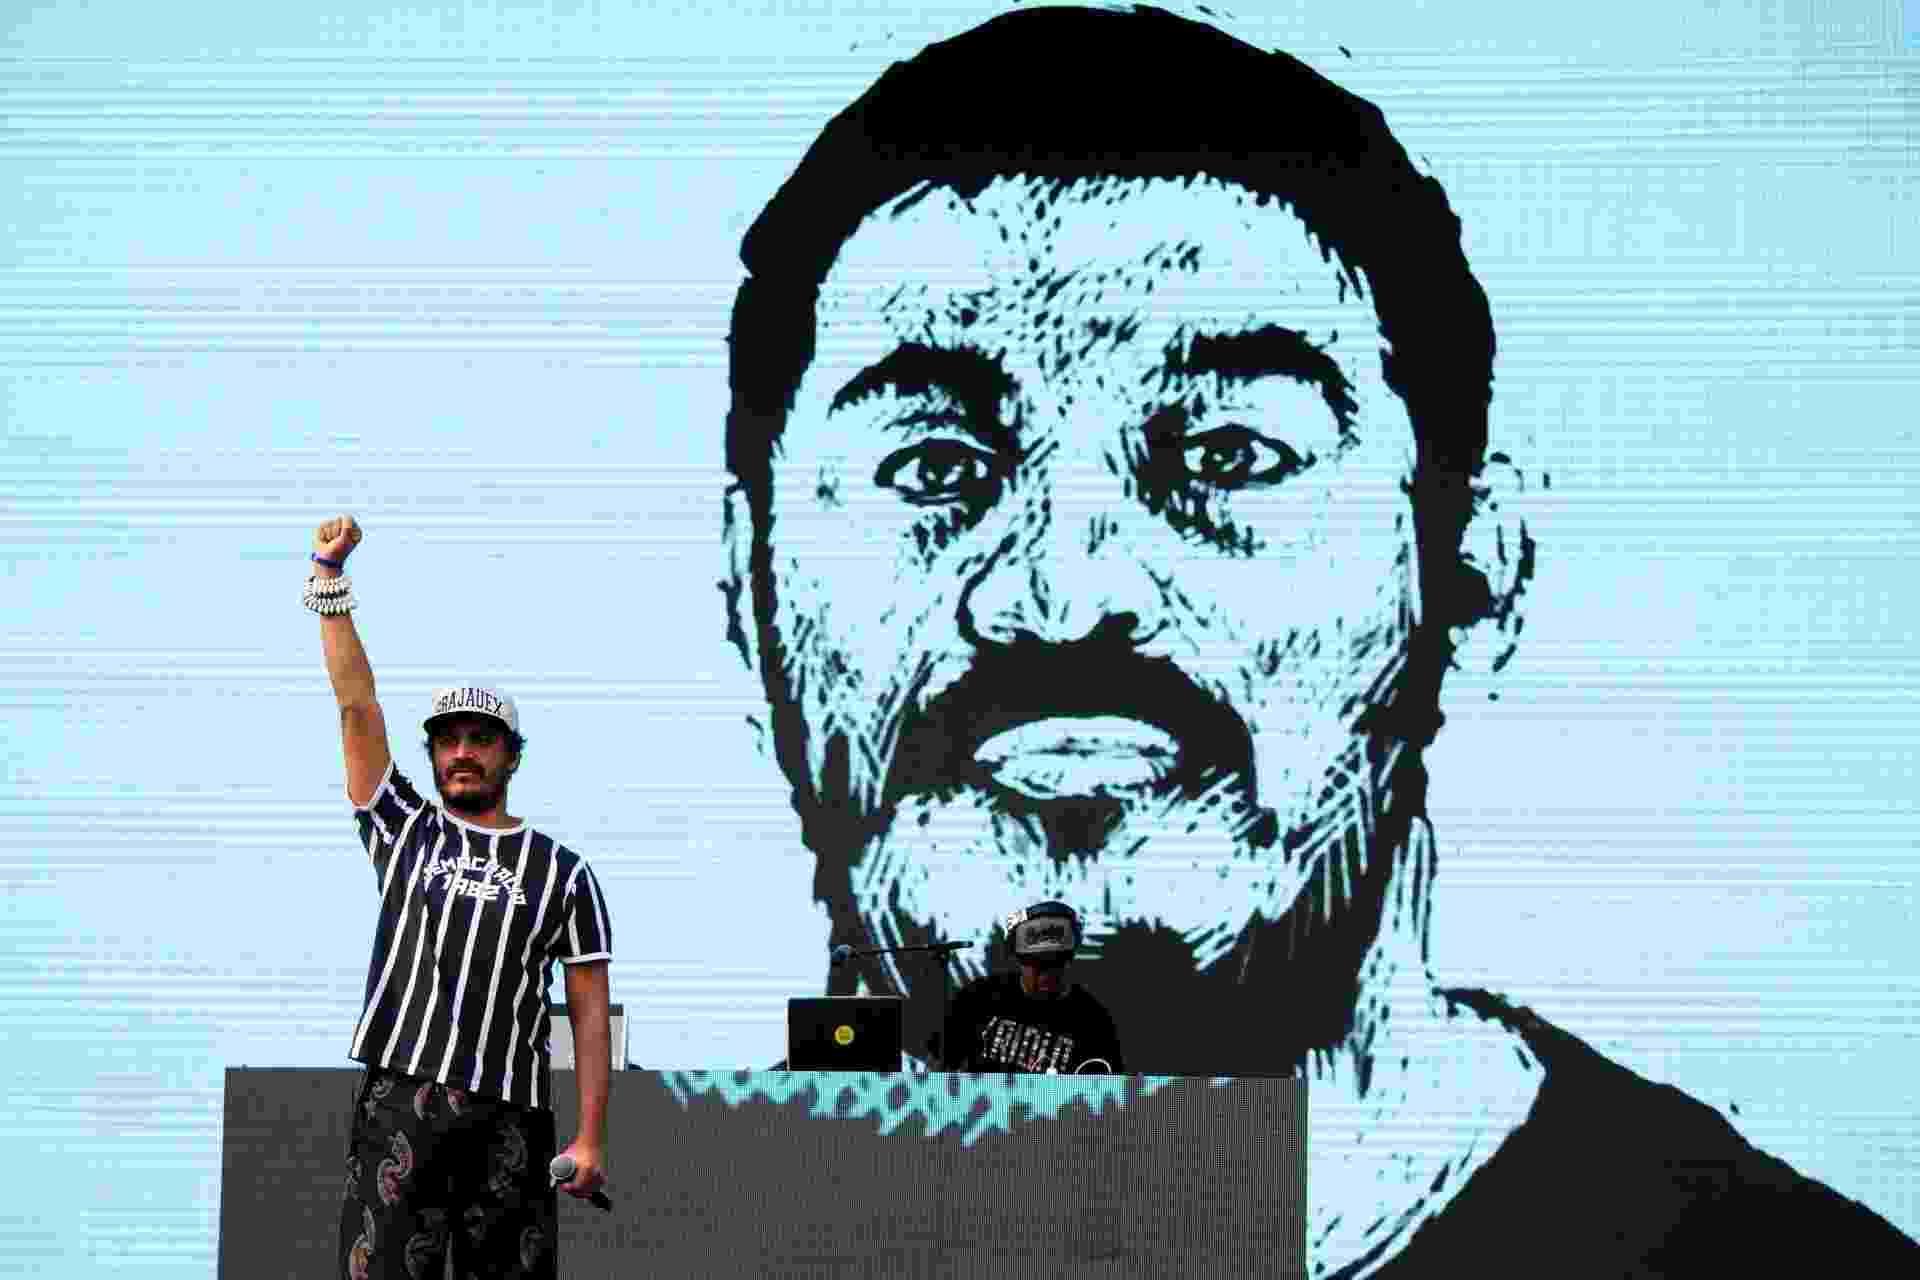 22.mai.2016 - Criolo se apresenta no palco Júlio Prestes, no centro de São Paulo, durante a Virada Cultural 2016 - Peter Leone/Futura Press/Estadão Conteúdo